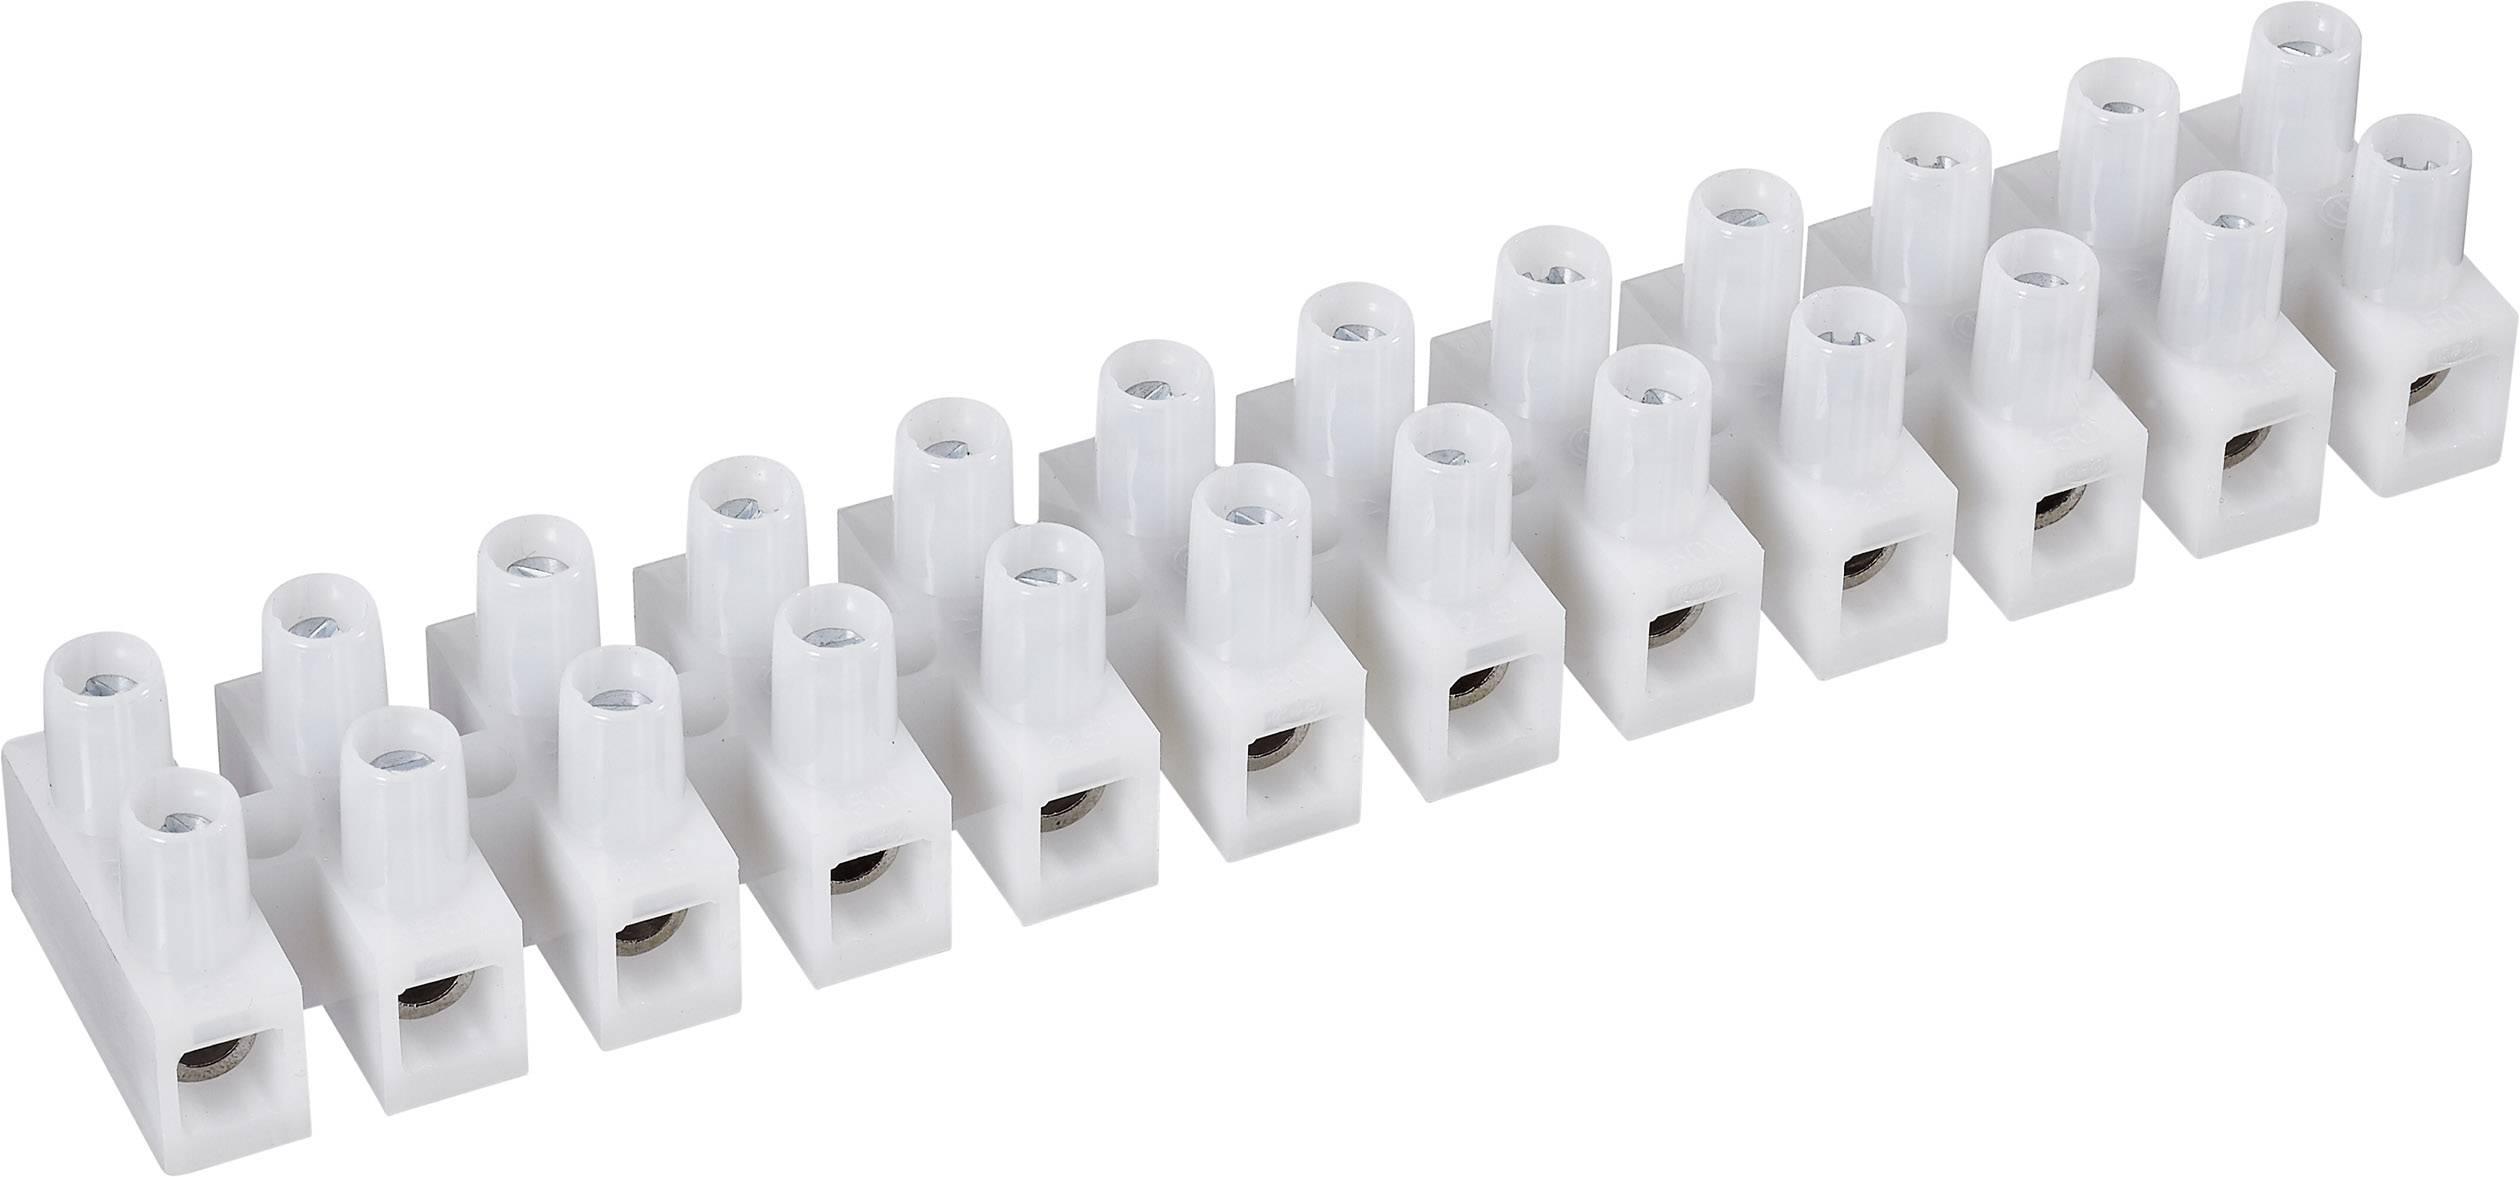 Svietidlové svorky 600300 na kábel s rozmerom 1.5-2.5 mm², tuhosť 1.5-2.5 mm², počet pinov 12, 1 ks, biela